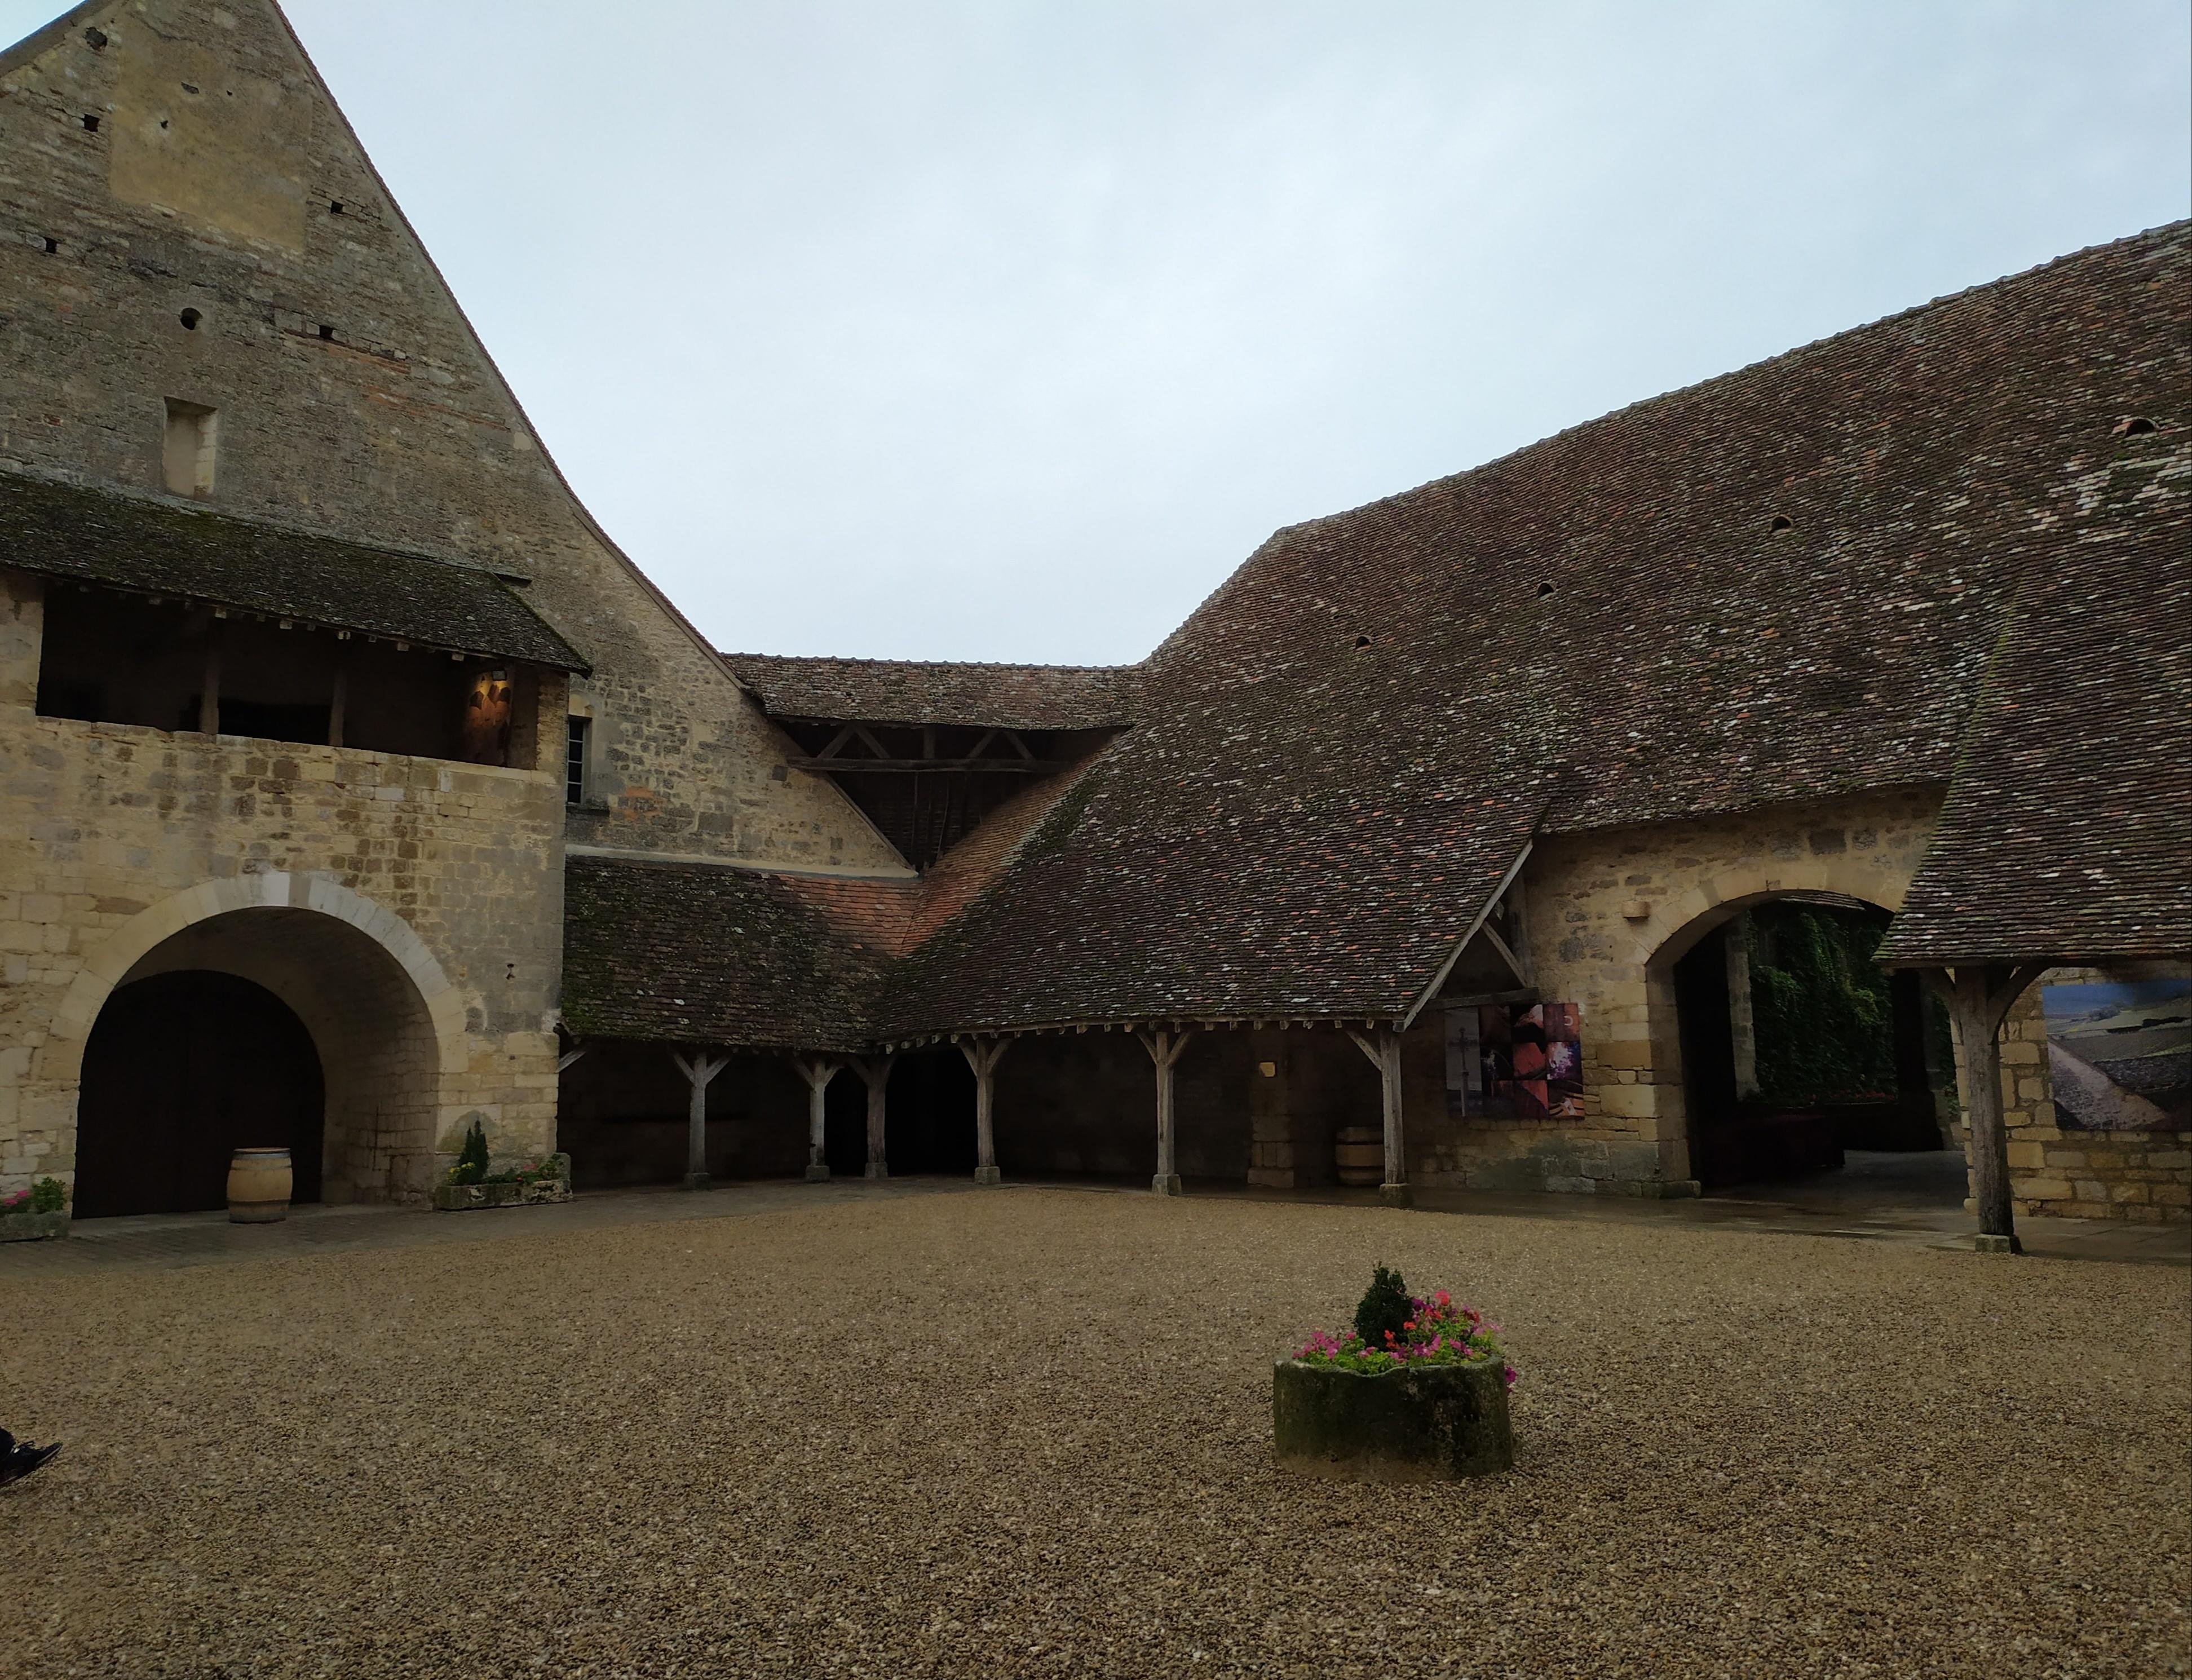 La cour intérieure du Château du Clos de Vougeot